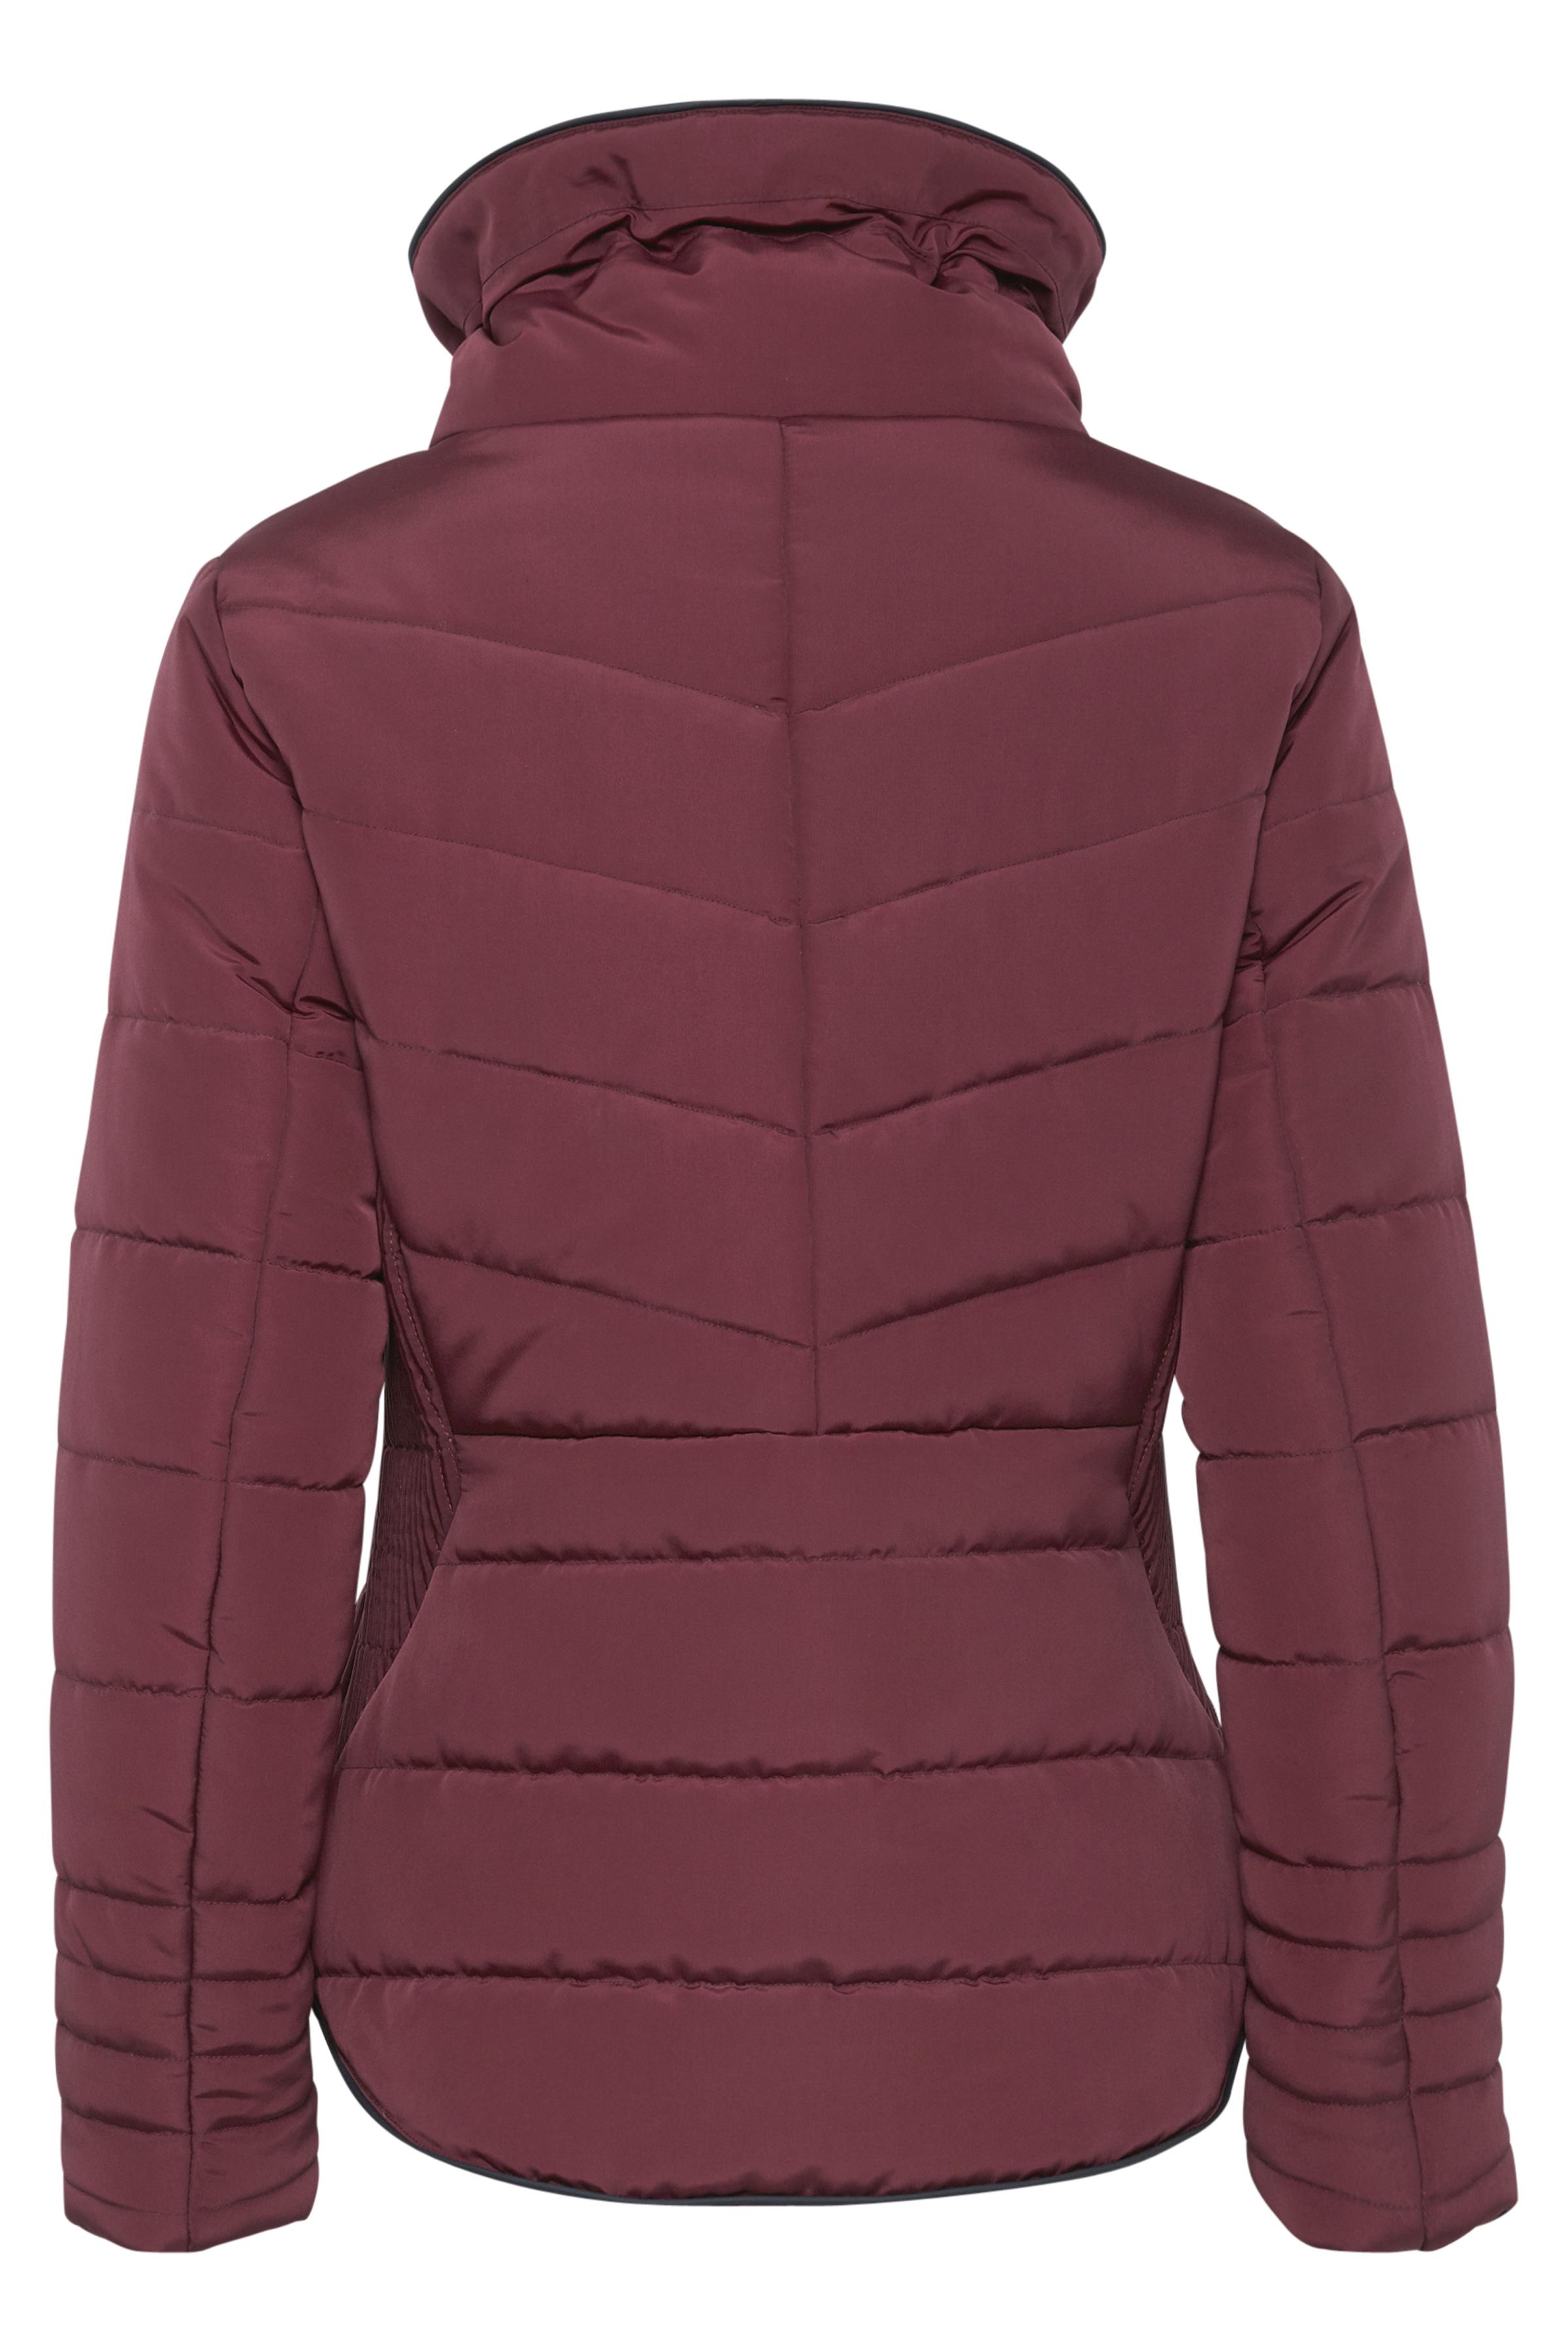 Port Royal Jacke von b.young – Kaufen Sie Port Royal Jacke aus Größe 36-46 hier